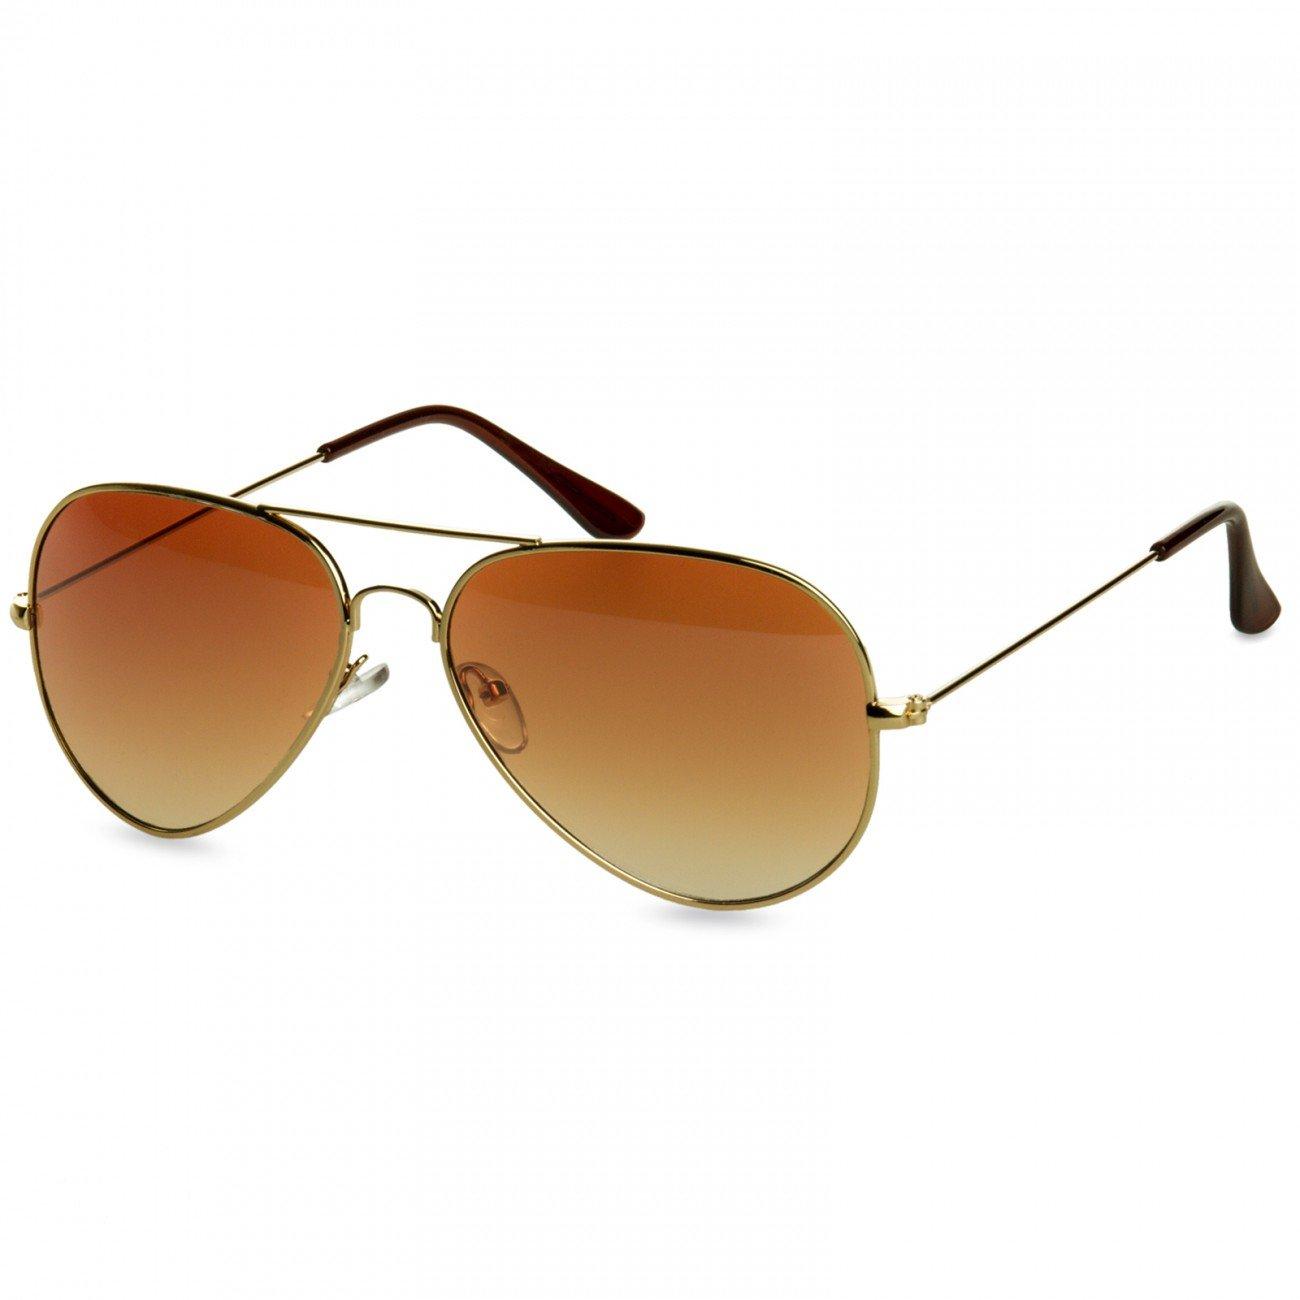 CASPAR PREMIUM Unisex Classic Aviator Pilotenbrille / Sonnenbrille - viele Varianten - SG032, Farbe:silber / grün gold verspiegelt